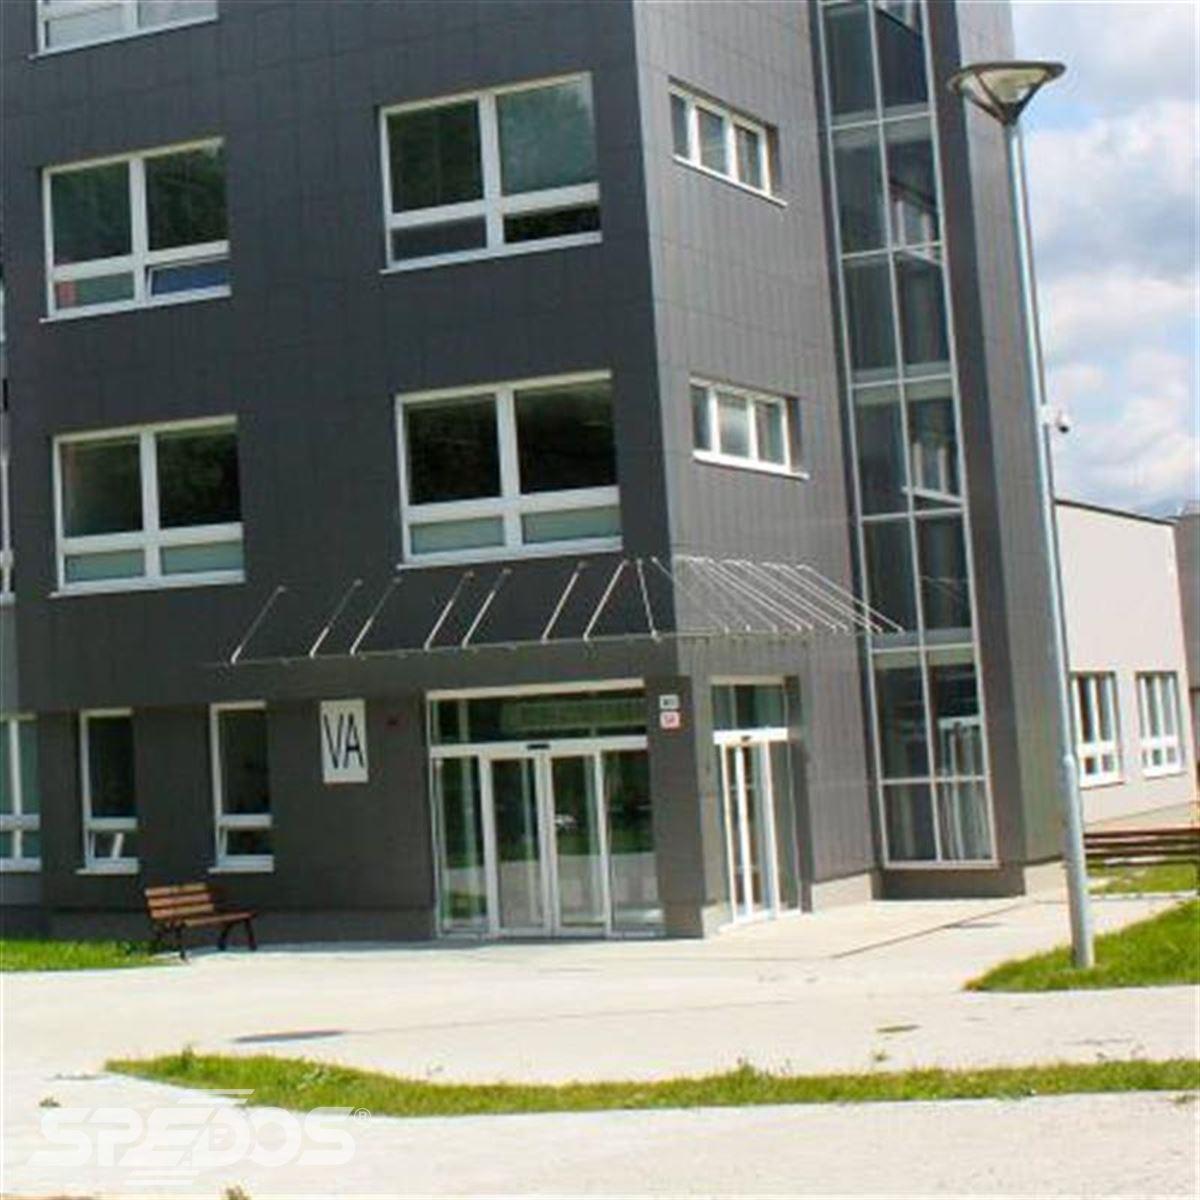 Dvoukřídlé automatické dveře posuvné v Žilinské univerzitě 6